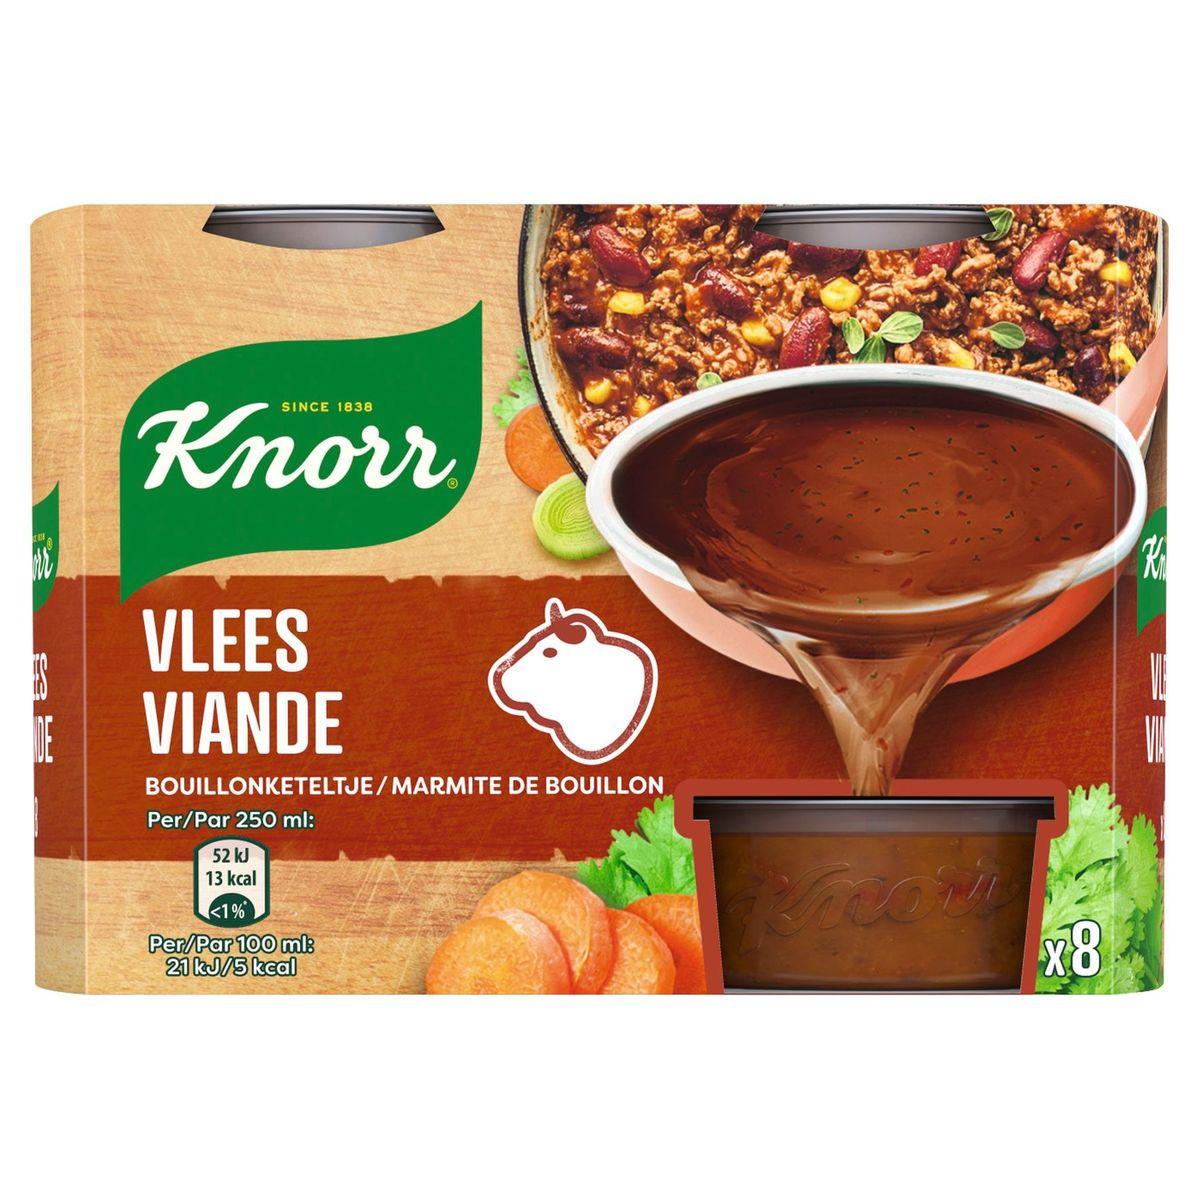 Knorr Keteltje Bouillon Vlees 8 x 28 g